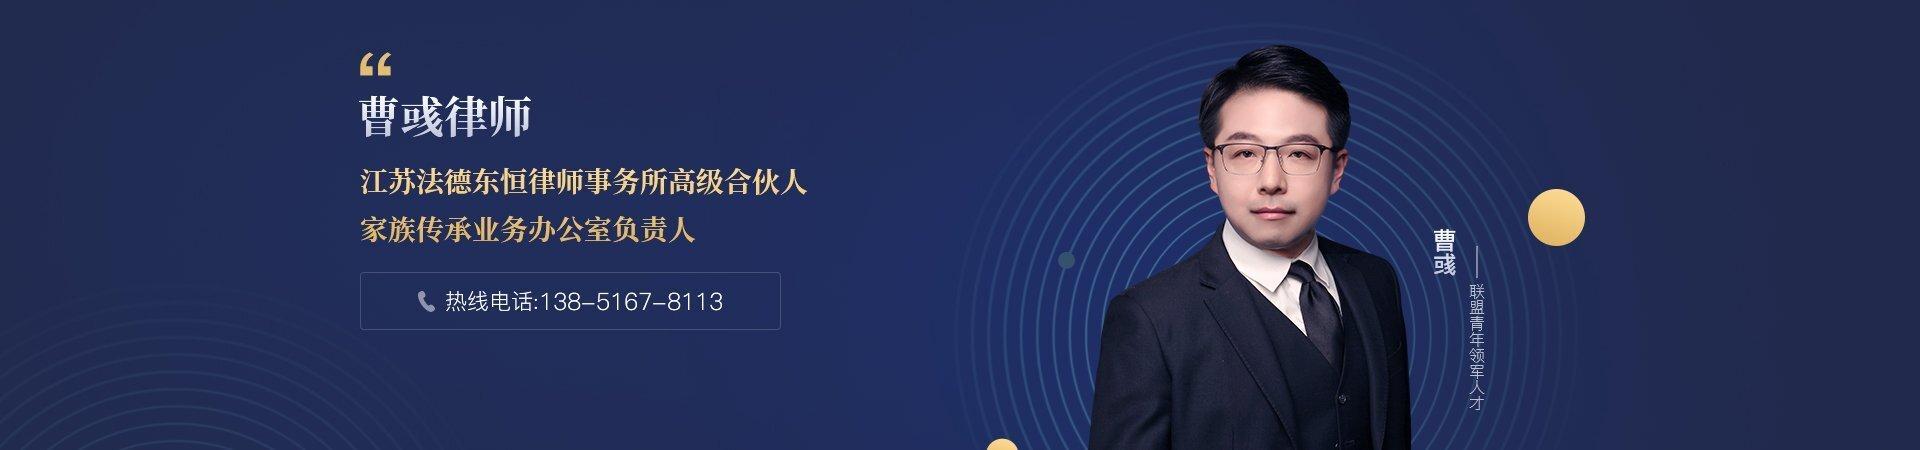 南京离婚律师 - 曹彧